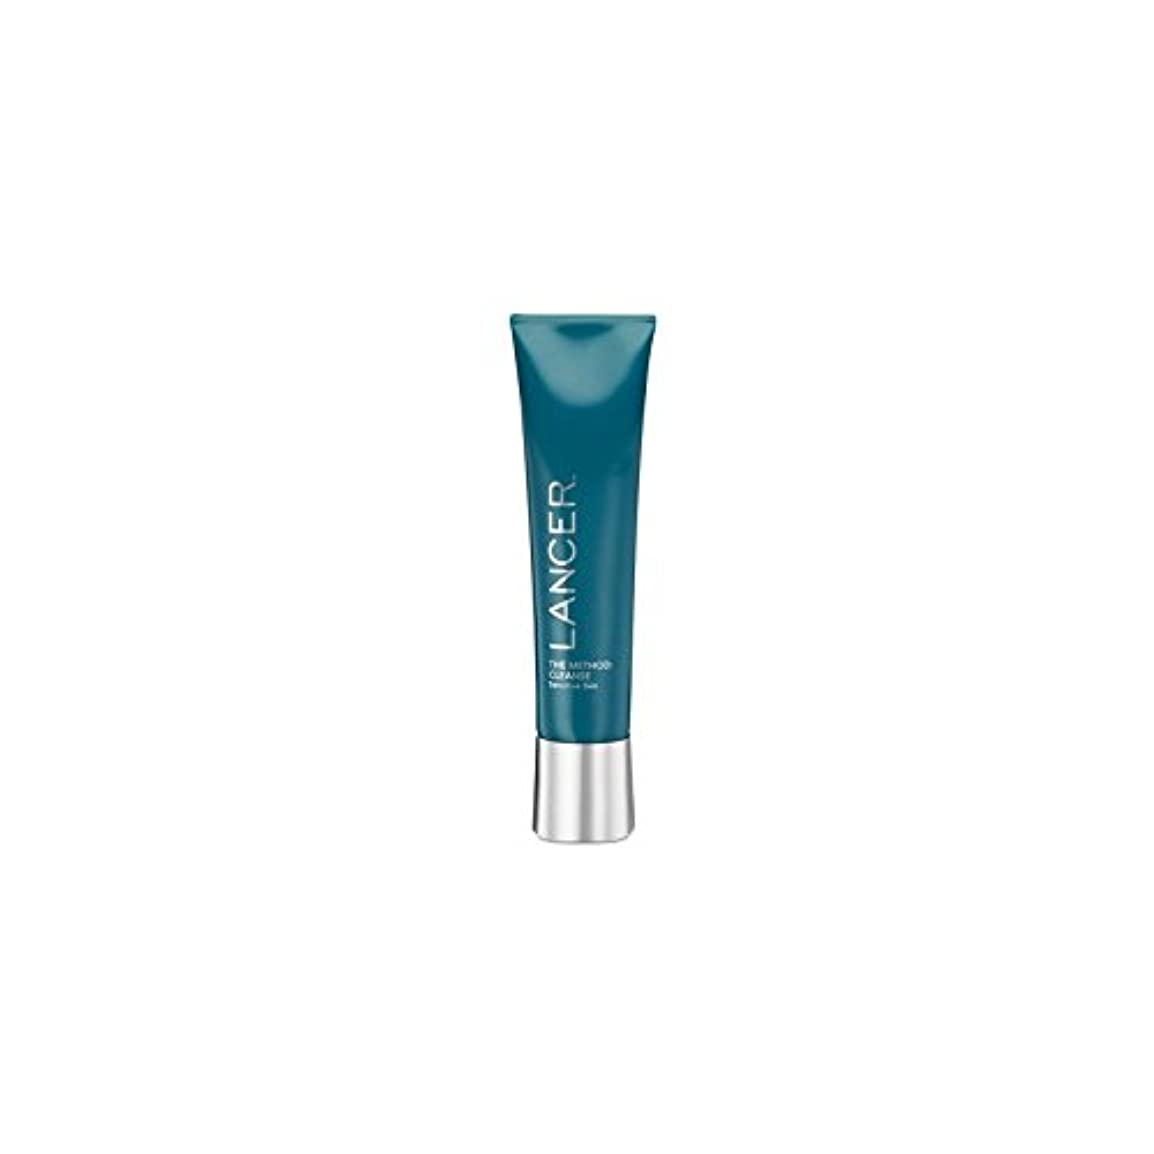 薬用はっきりしないすきLancer Skincare The Method: Cleanser Sensitive Skin (120ml) (Pack of 6) - クレンザー敏感肌(120ミリリットル):ランサーは、メソッドをスキンケア...